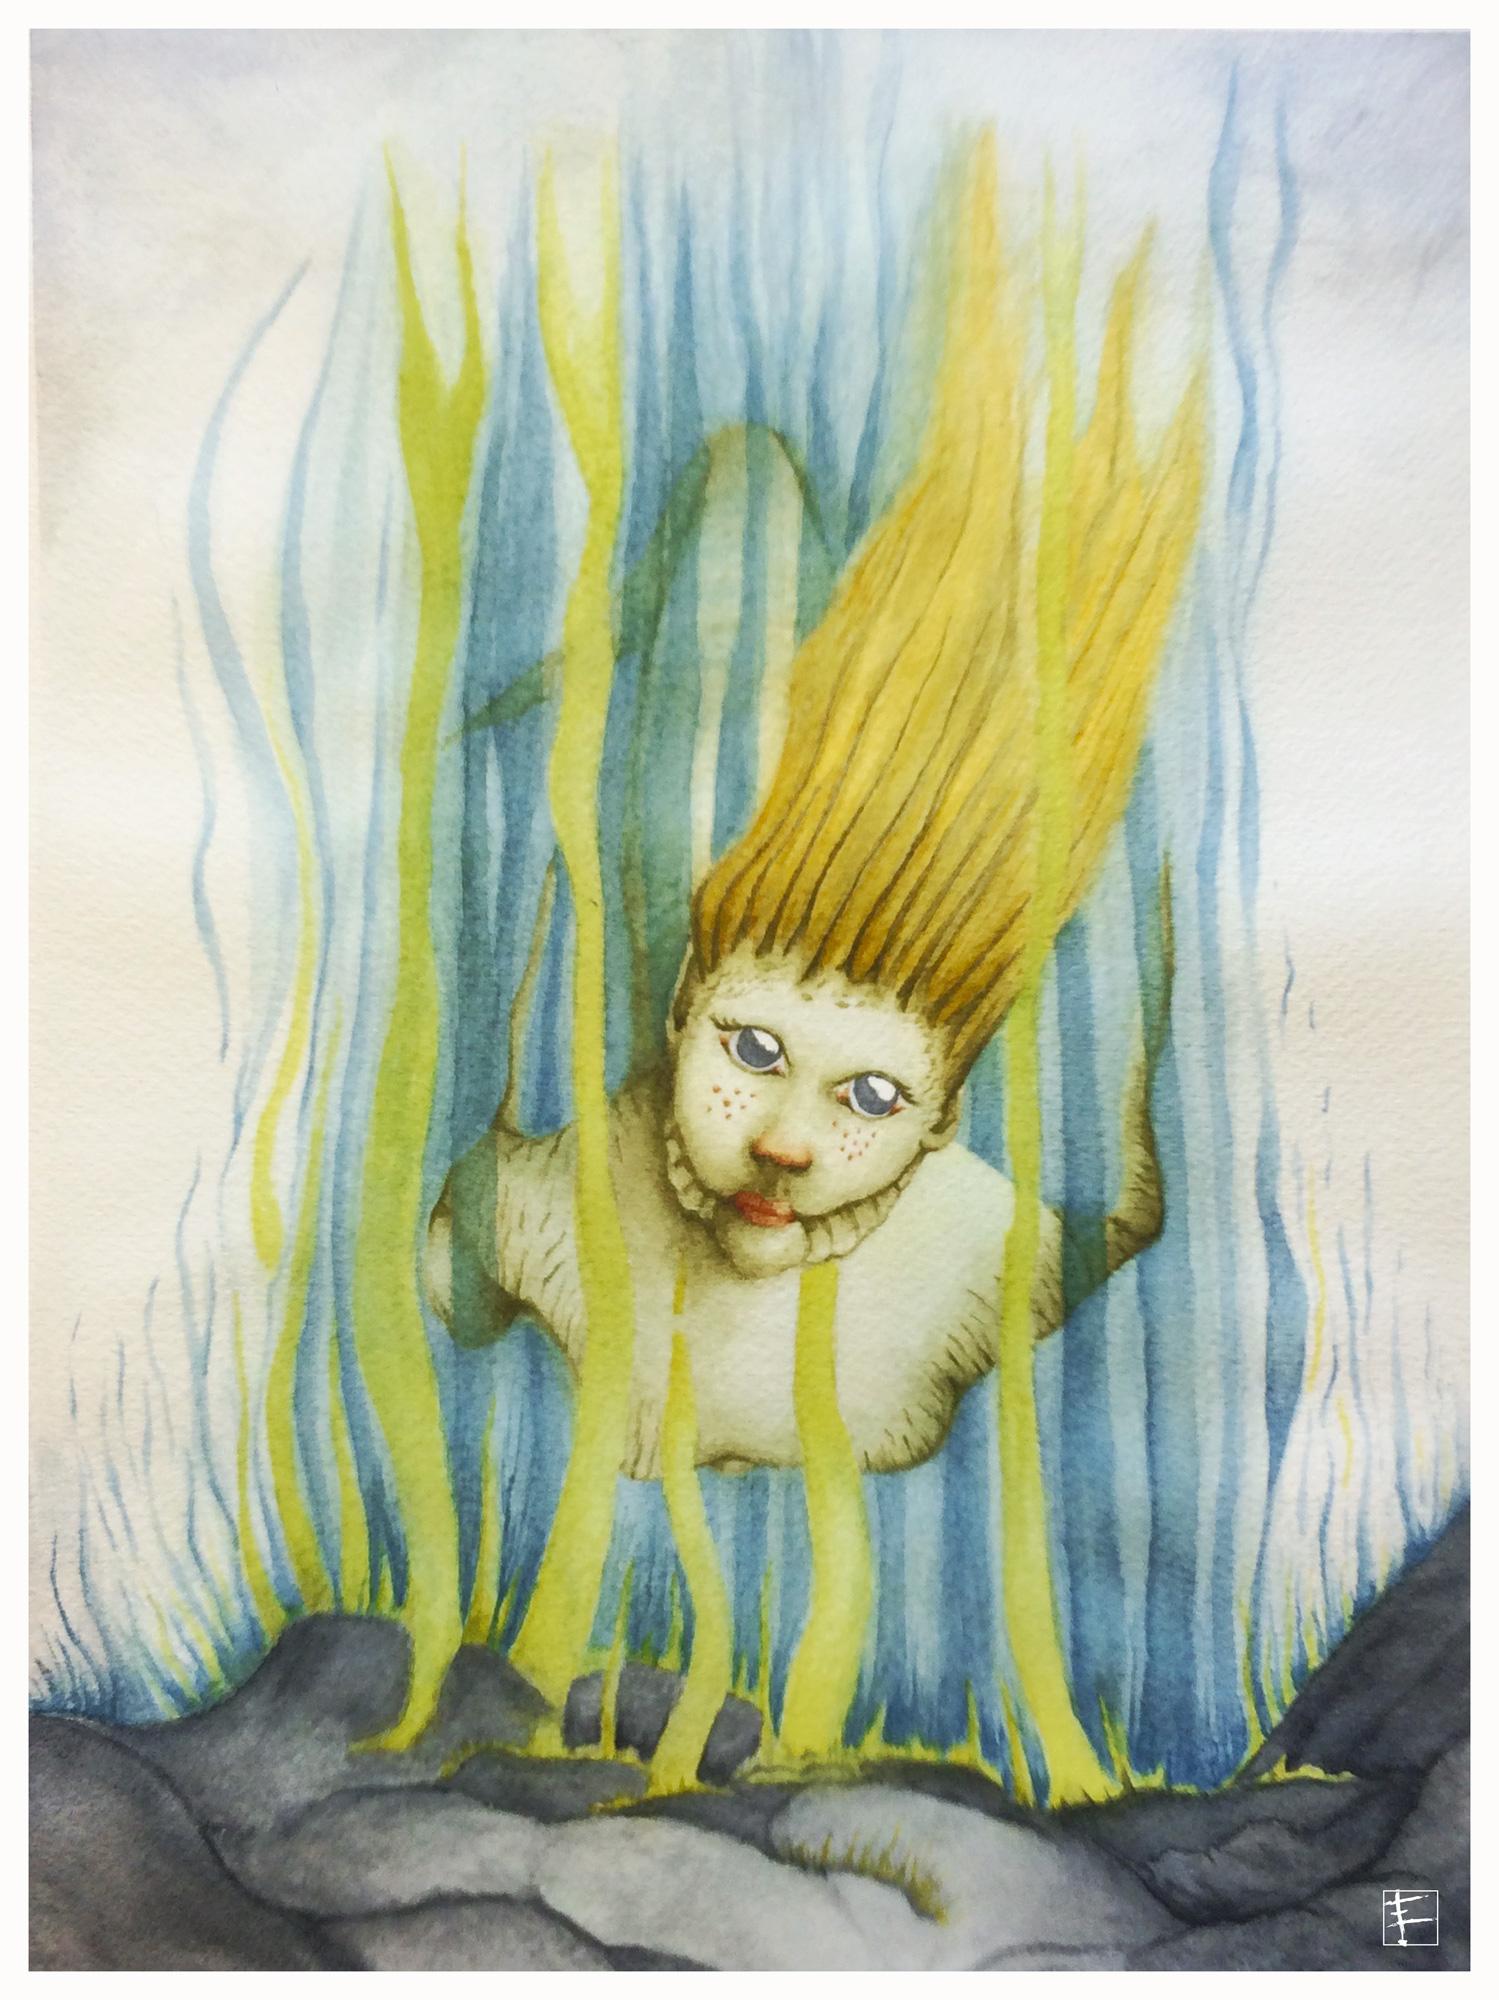 A - L'Asrai est une petite fée aquatique. Leur grande beauté fascine les pêcheurs (anglais) depuis la nuit des temps. Elle est une timide sirène et elle redoute la lumière du jour qui lui est fatale, préférant nager au clair de la lune. Son corps est clair et froid mais si on tente de la priver de sa liberté, elle brûle la peau de leur ravisseur.(réf. Wikipédia)